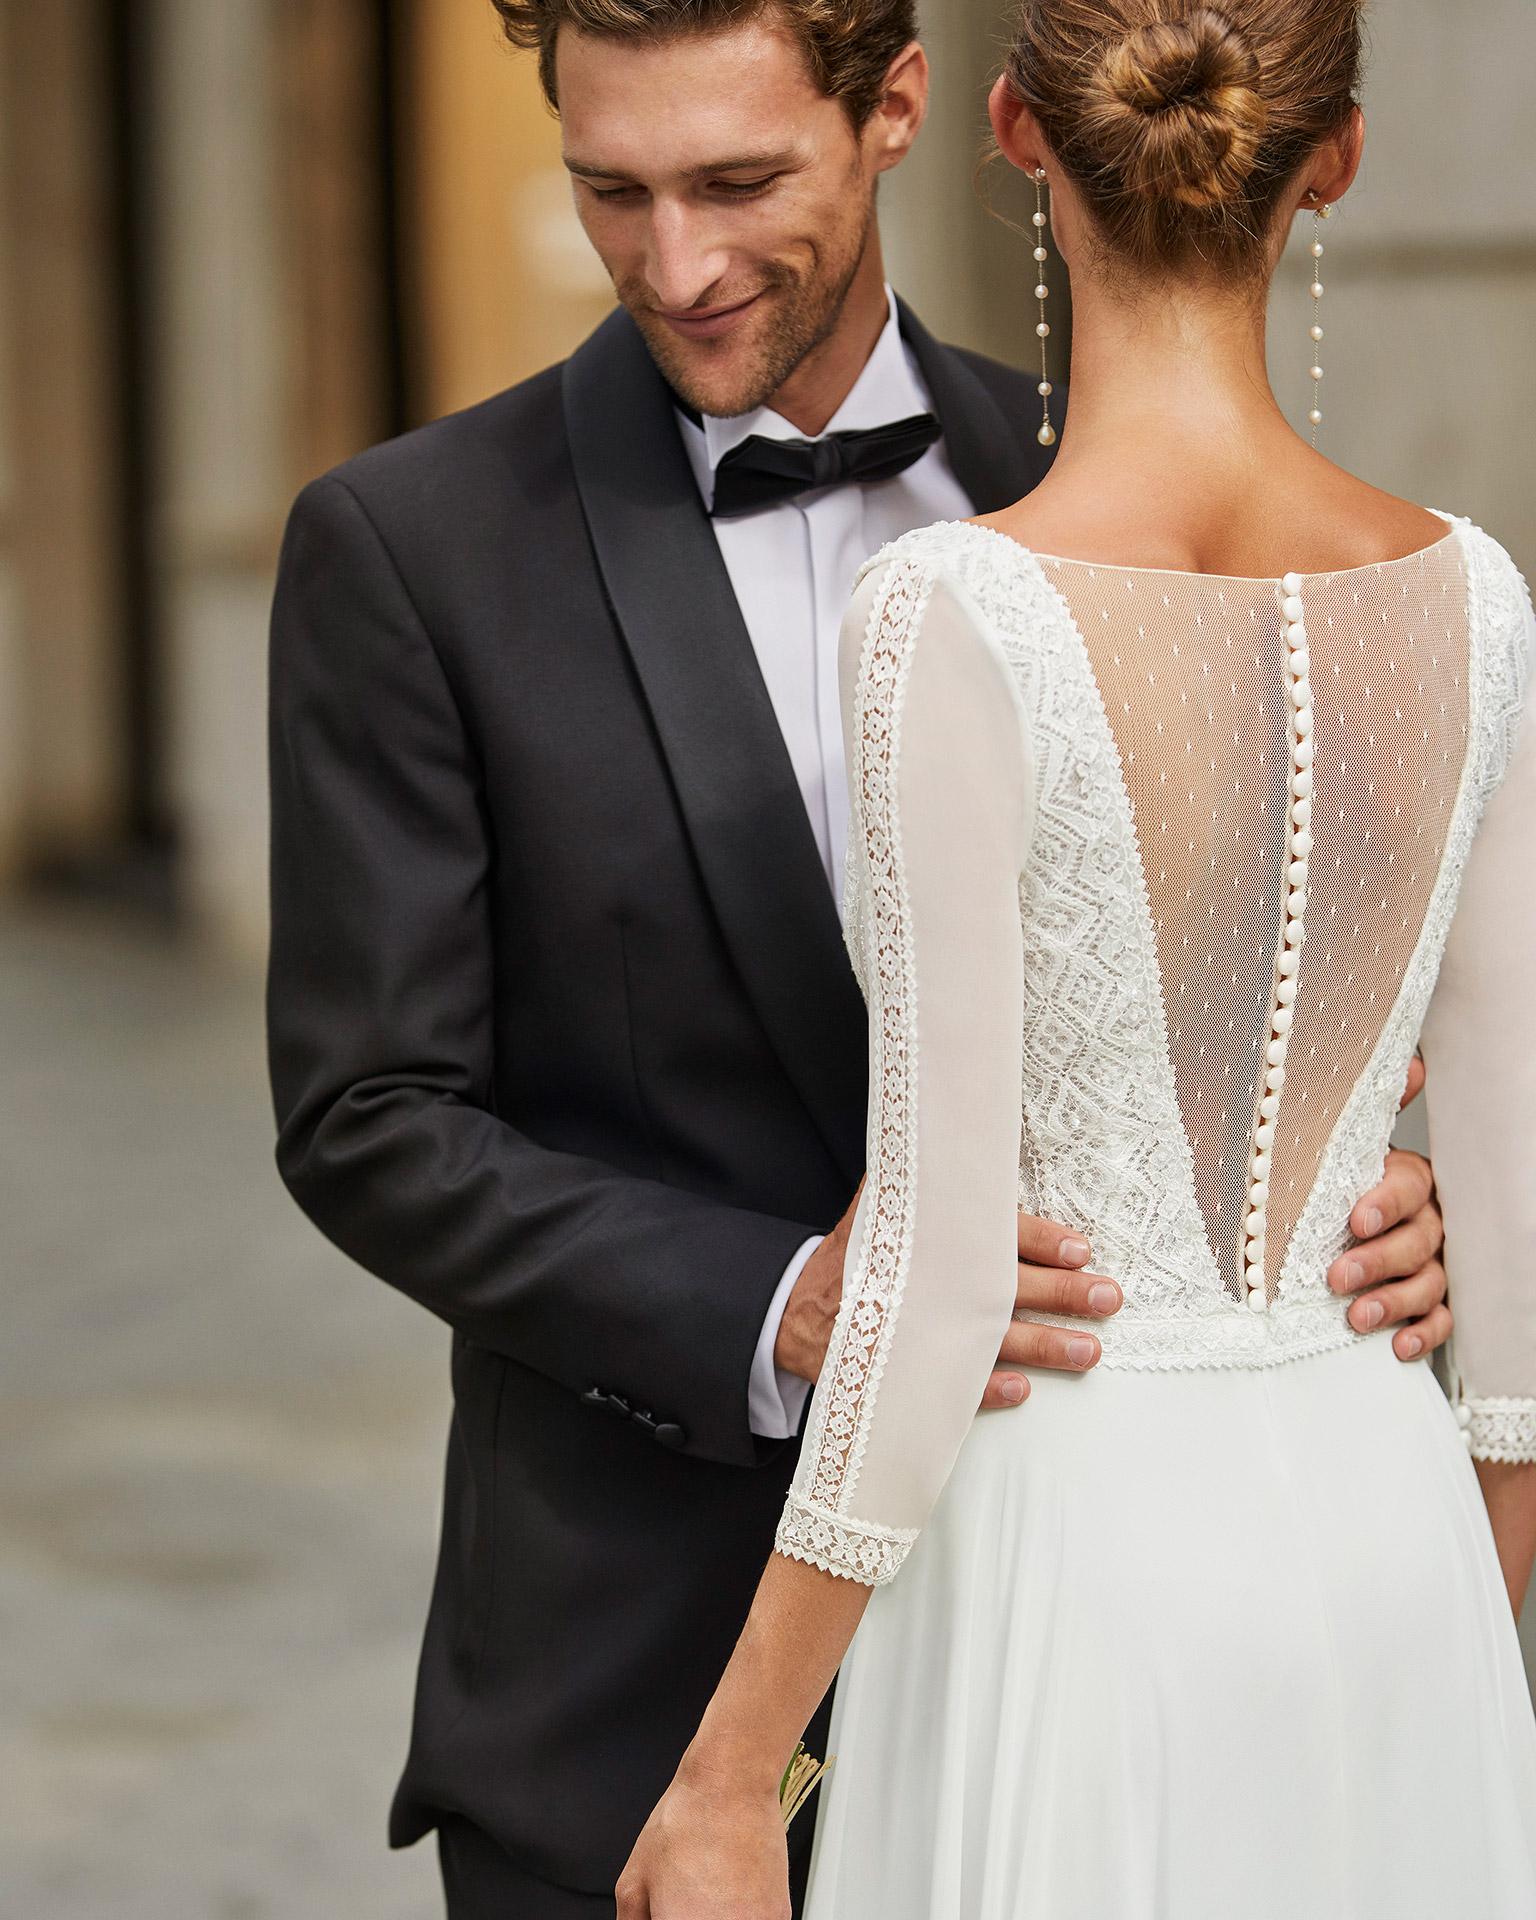 Vestido de novia ligero de georgette, encaje y pedrería. Escote deep plunge, manga 3/4 y espalda en V transparente. Colección  2022.